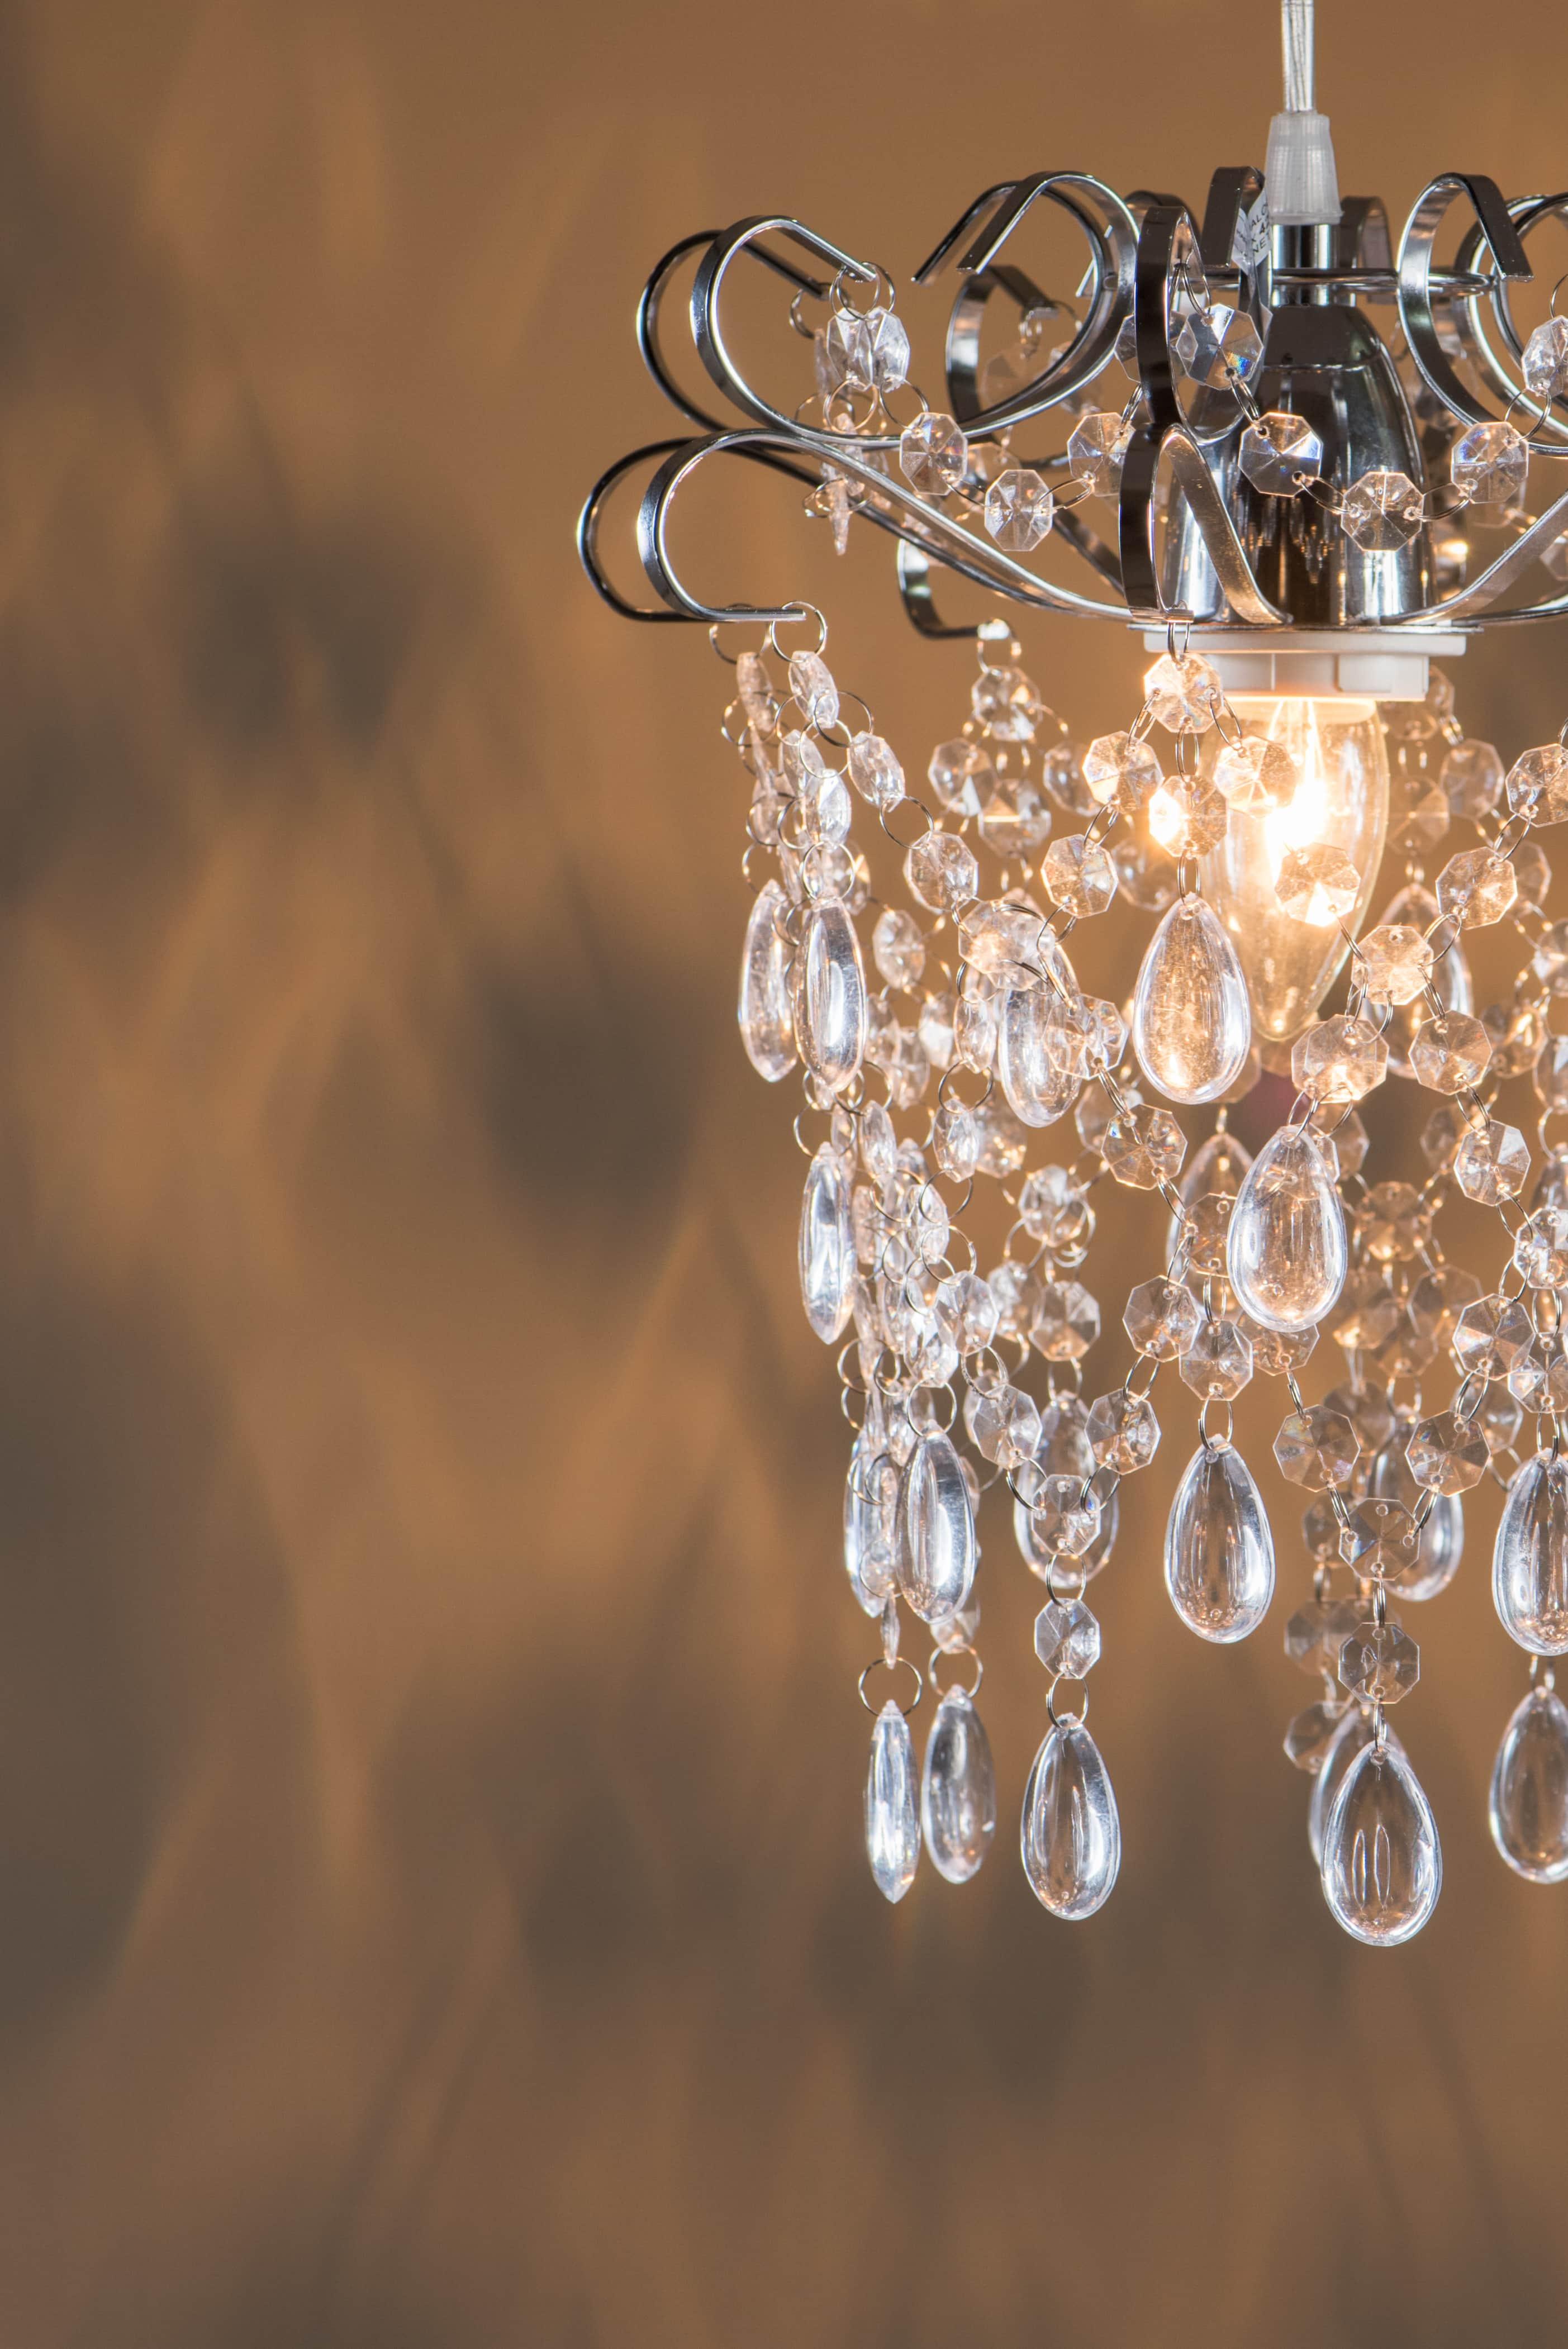 鍍鉻扁鐵框透明壓克力珠吊燈-BNL00048 1